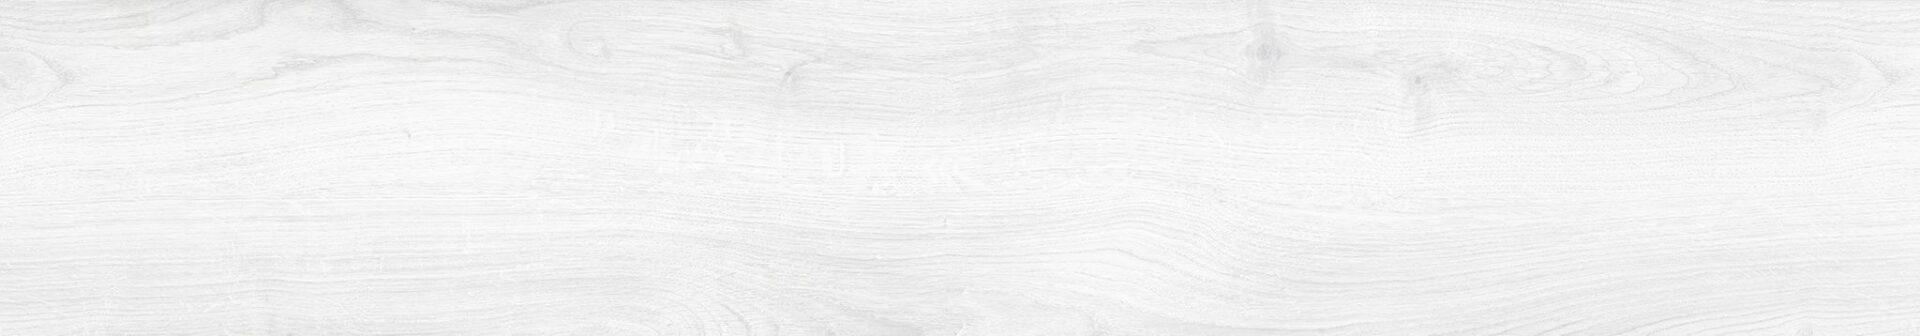 ILLINOIS BLANCO Granite Solarius Premium Natural Stones Countertops